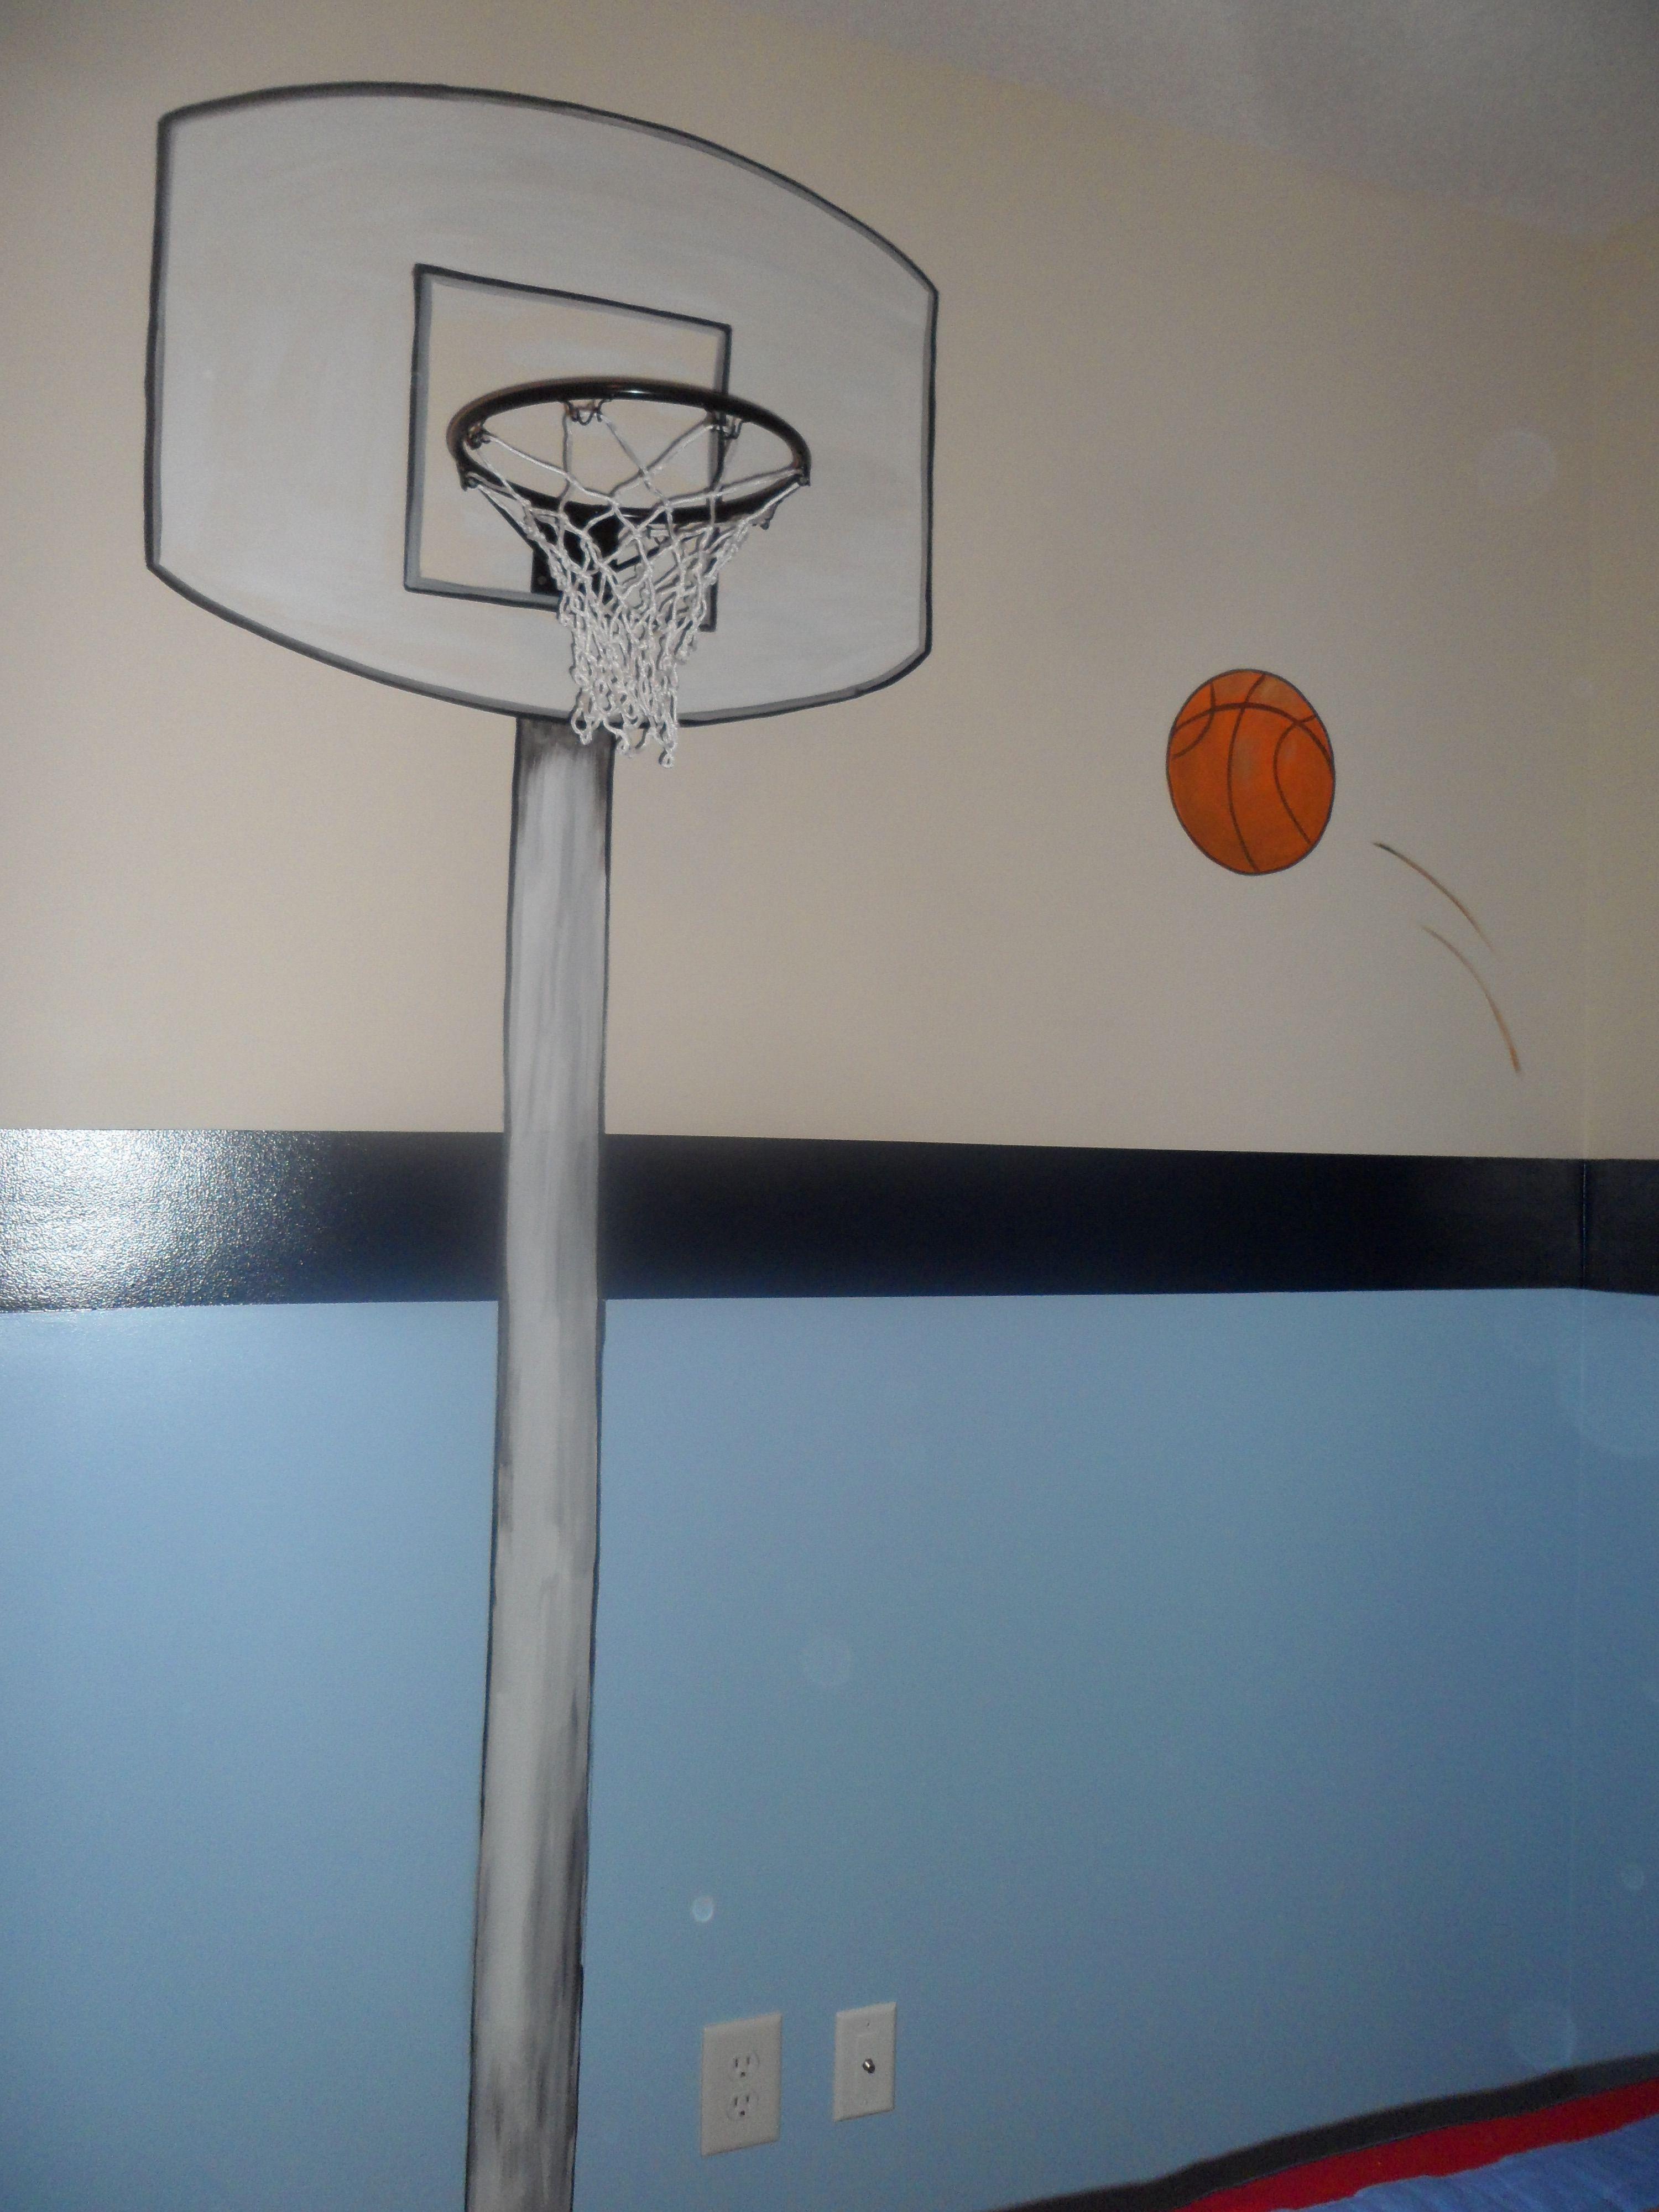 Share for Basketball mural